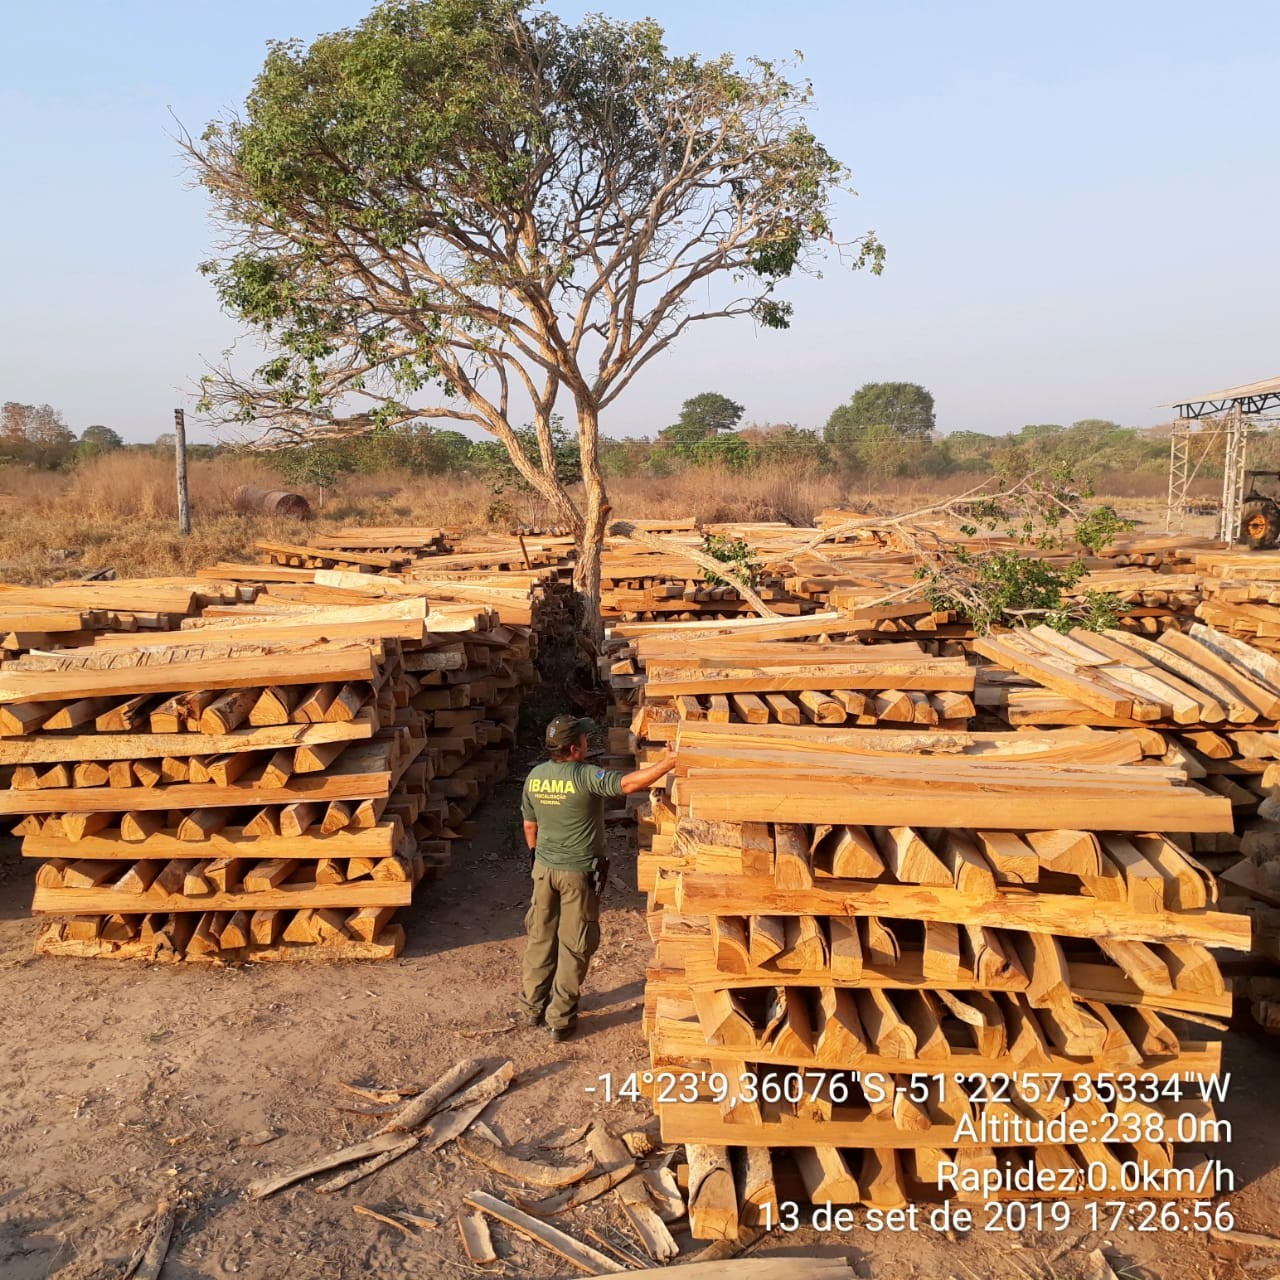 Ibama apreende madeira ilegal e aplica R$ 4,7 milhões em multas em 20 fazendas em MT - Notícias - Plantão Diário